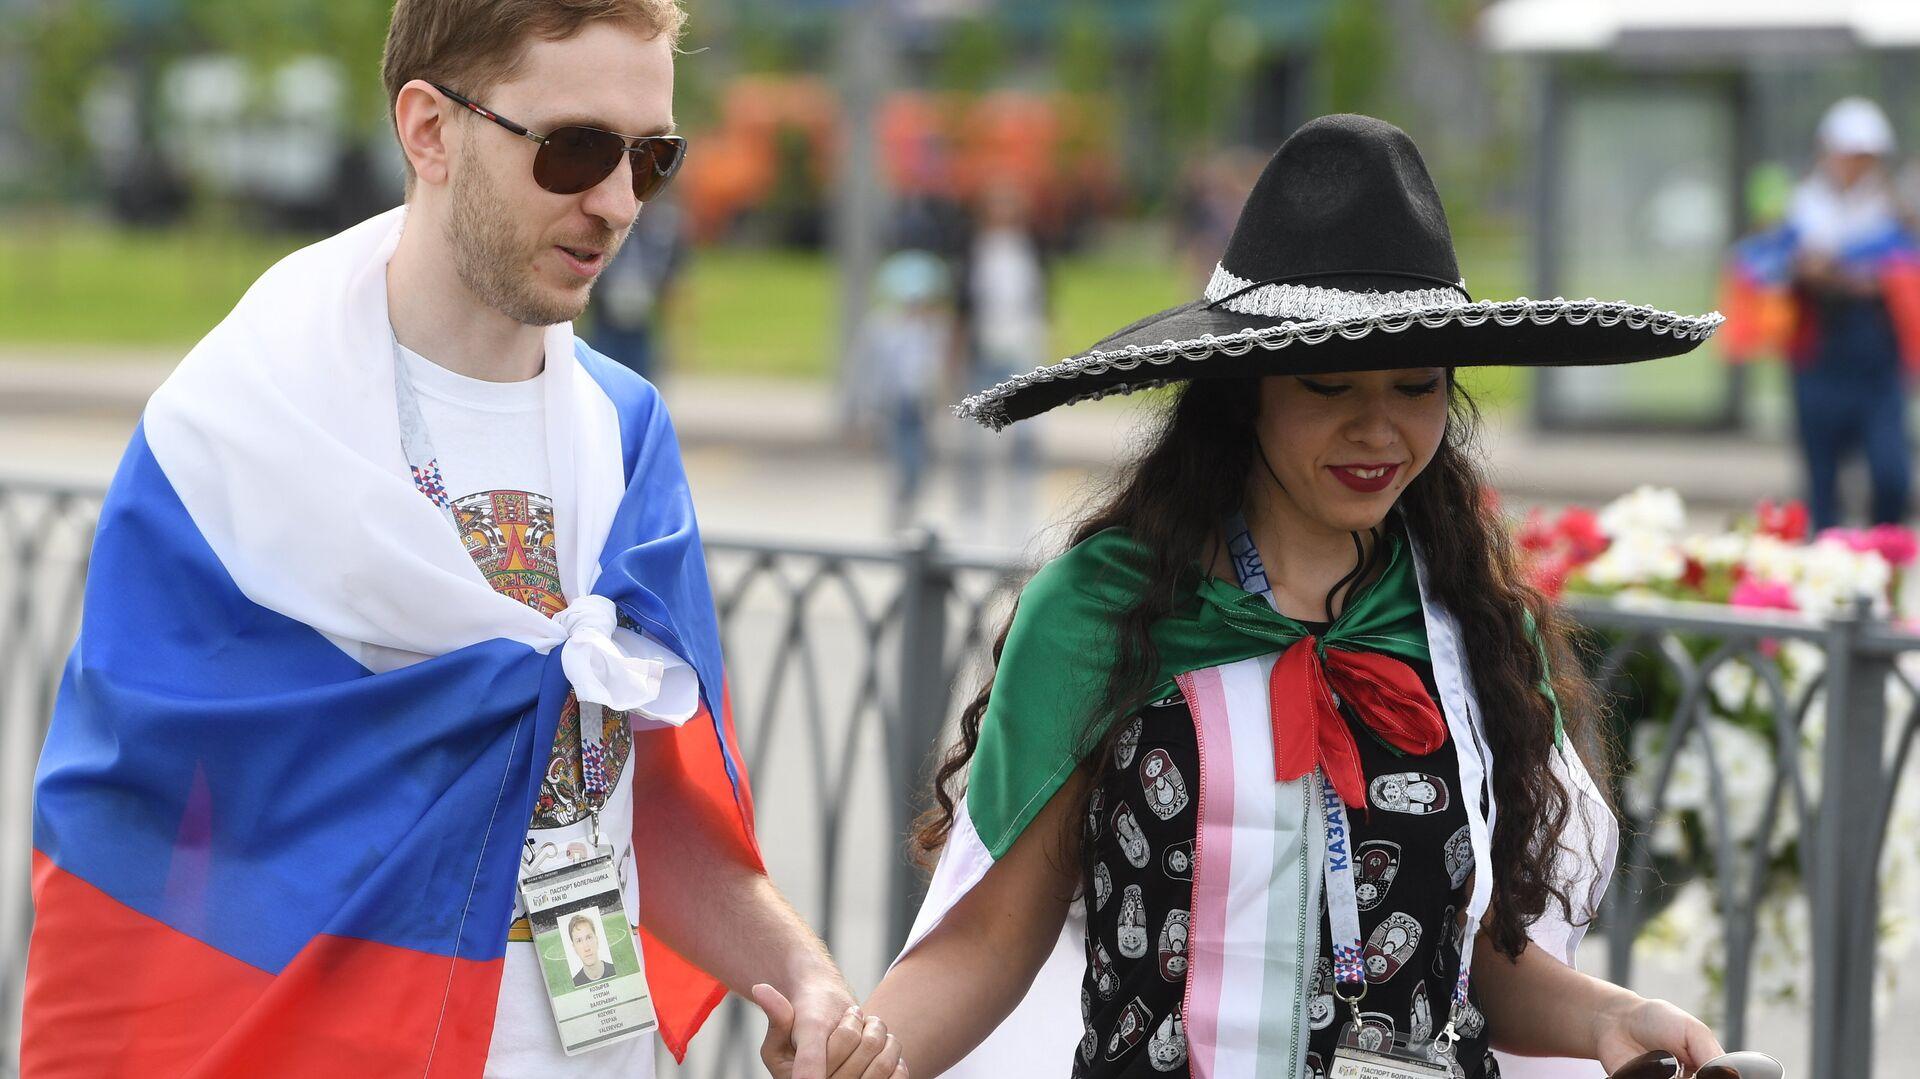 Una pareja con las banderas de Rusia y de México - Sputnik Mundo, 1920, 15.09.2021